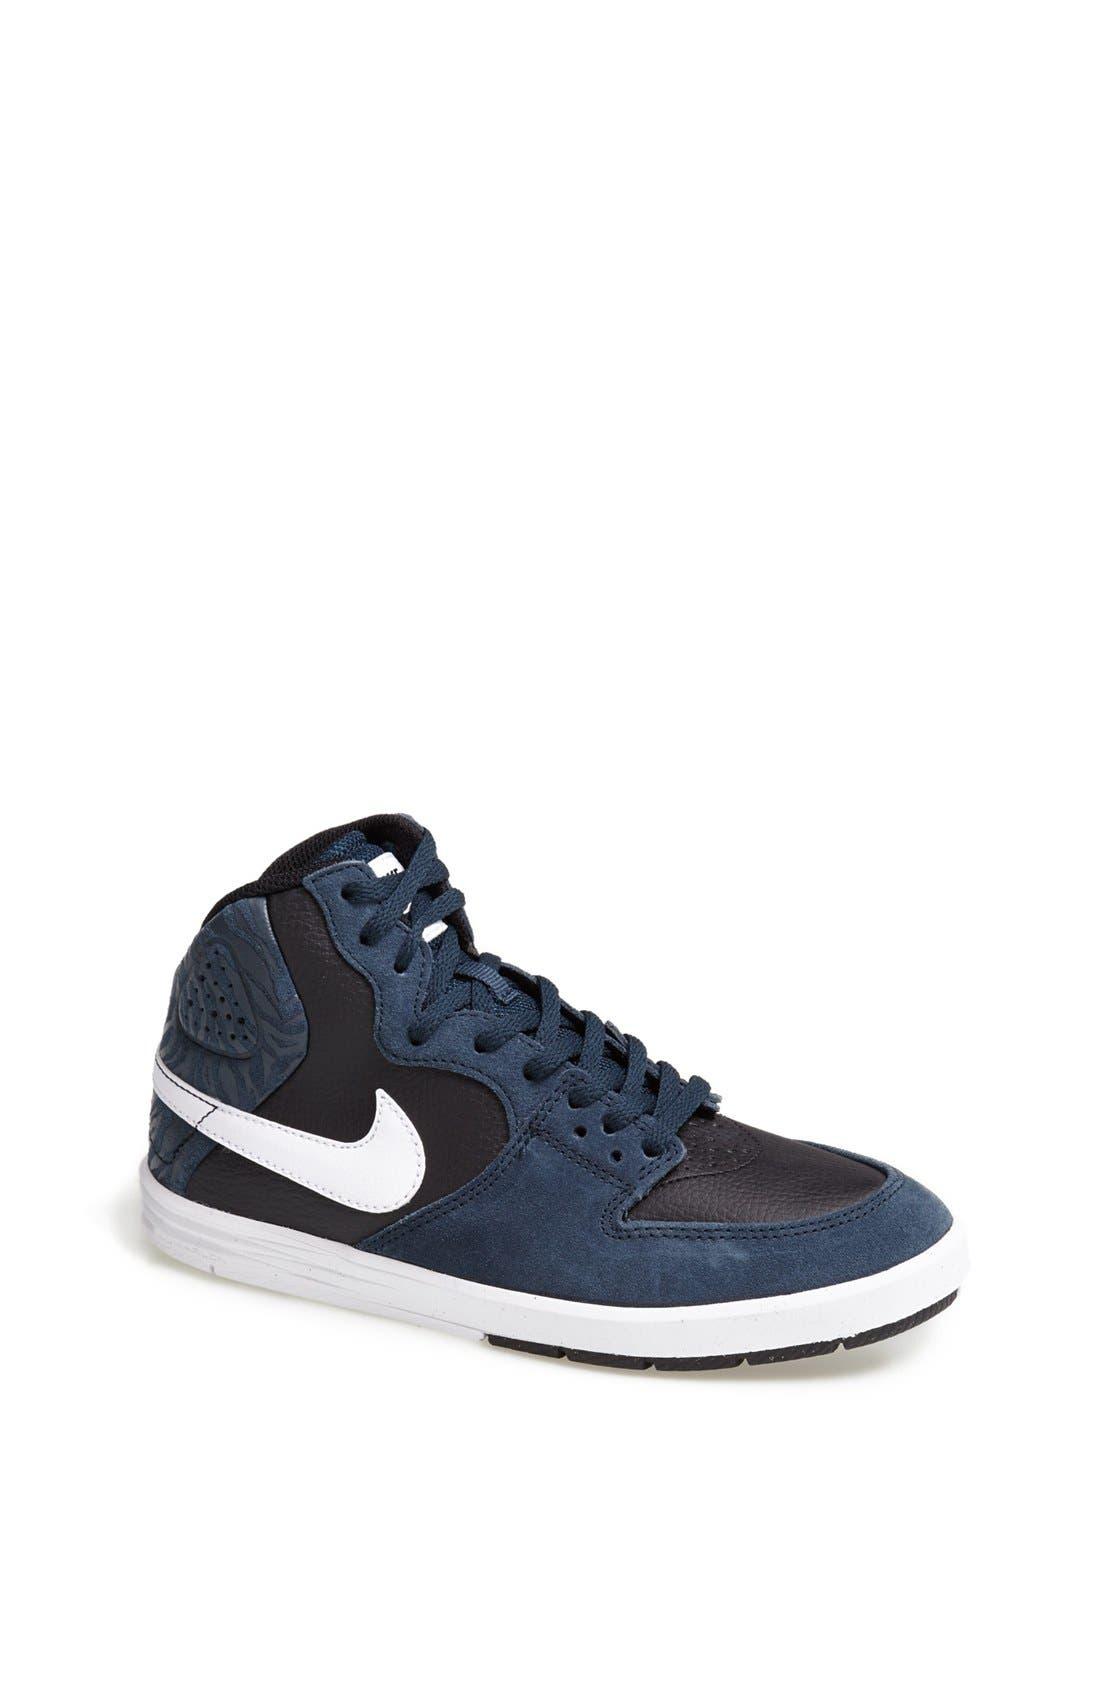 Main Image - Nike 'Paul Rodriguez 7' High Top Sneaker (Big Kid)